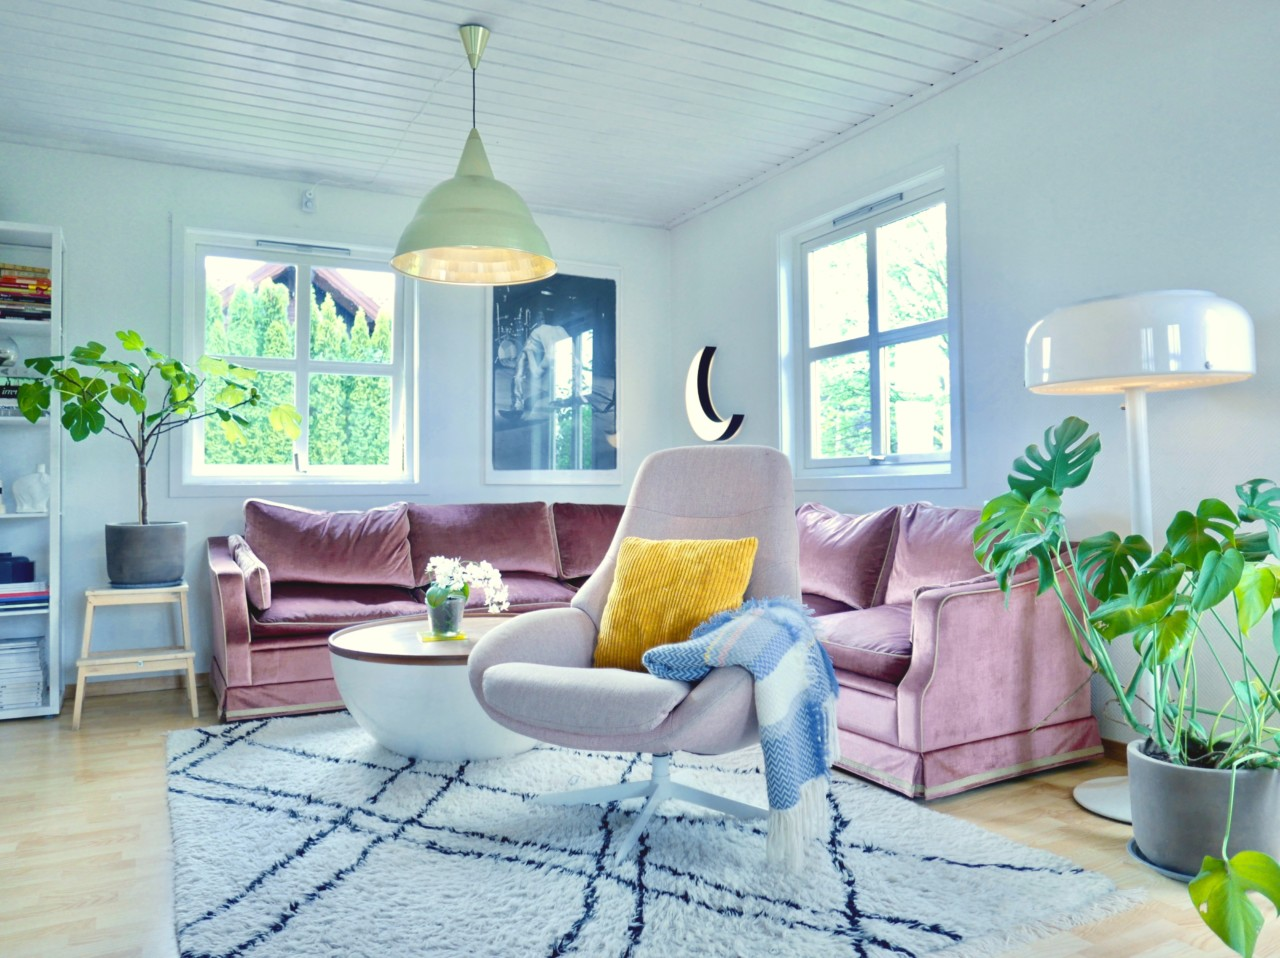 stue-living-room-garden-green-house-velvet-sofa